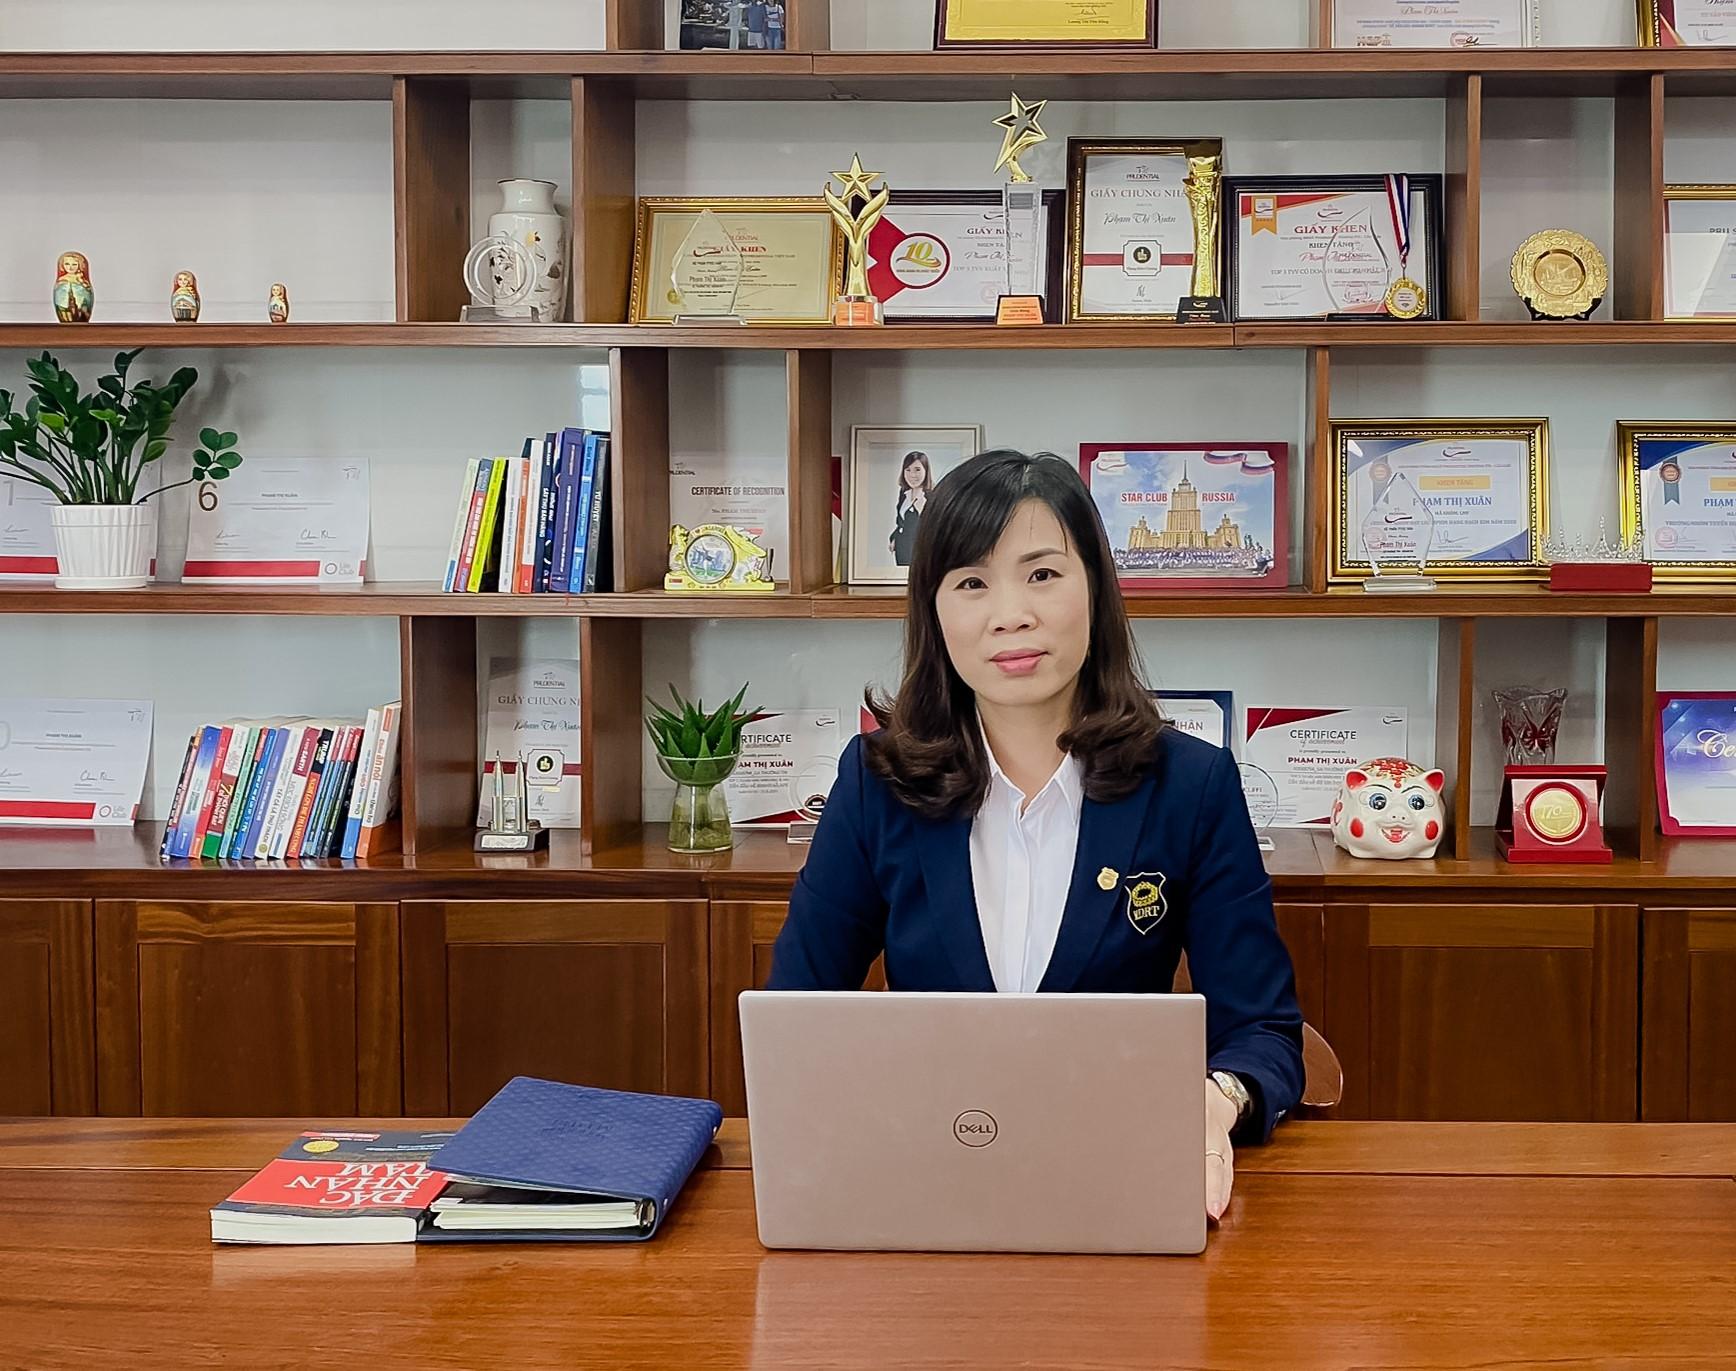 Chị Phạm Thị Xuân luôn vững tin vào việc mang các giải pháp bảo vệ đến với nhiều người, ngay từ những ngày đầu tham gia lĩnh vực bảo hiểm.